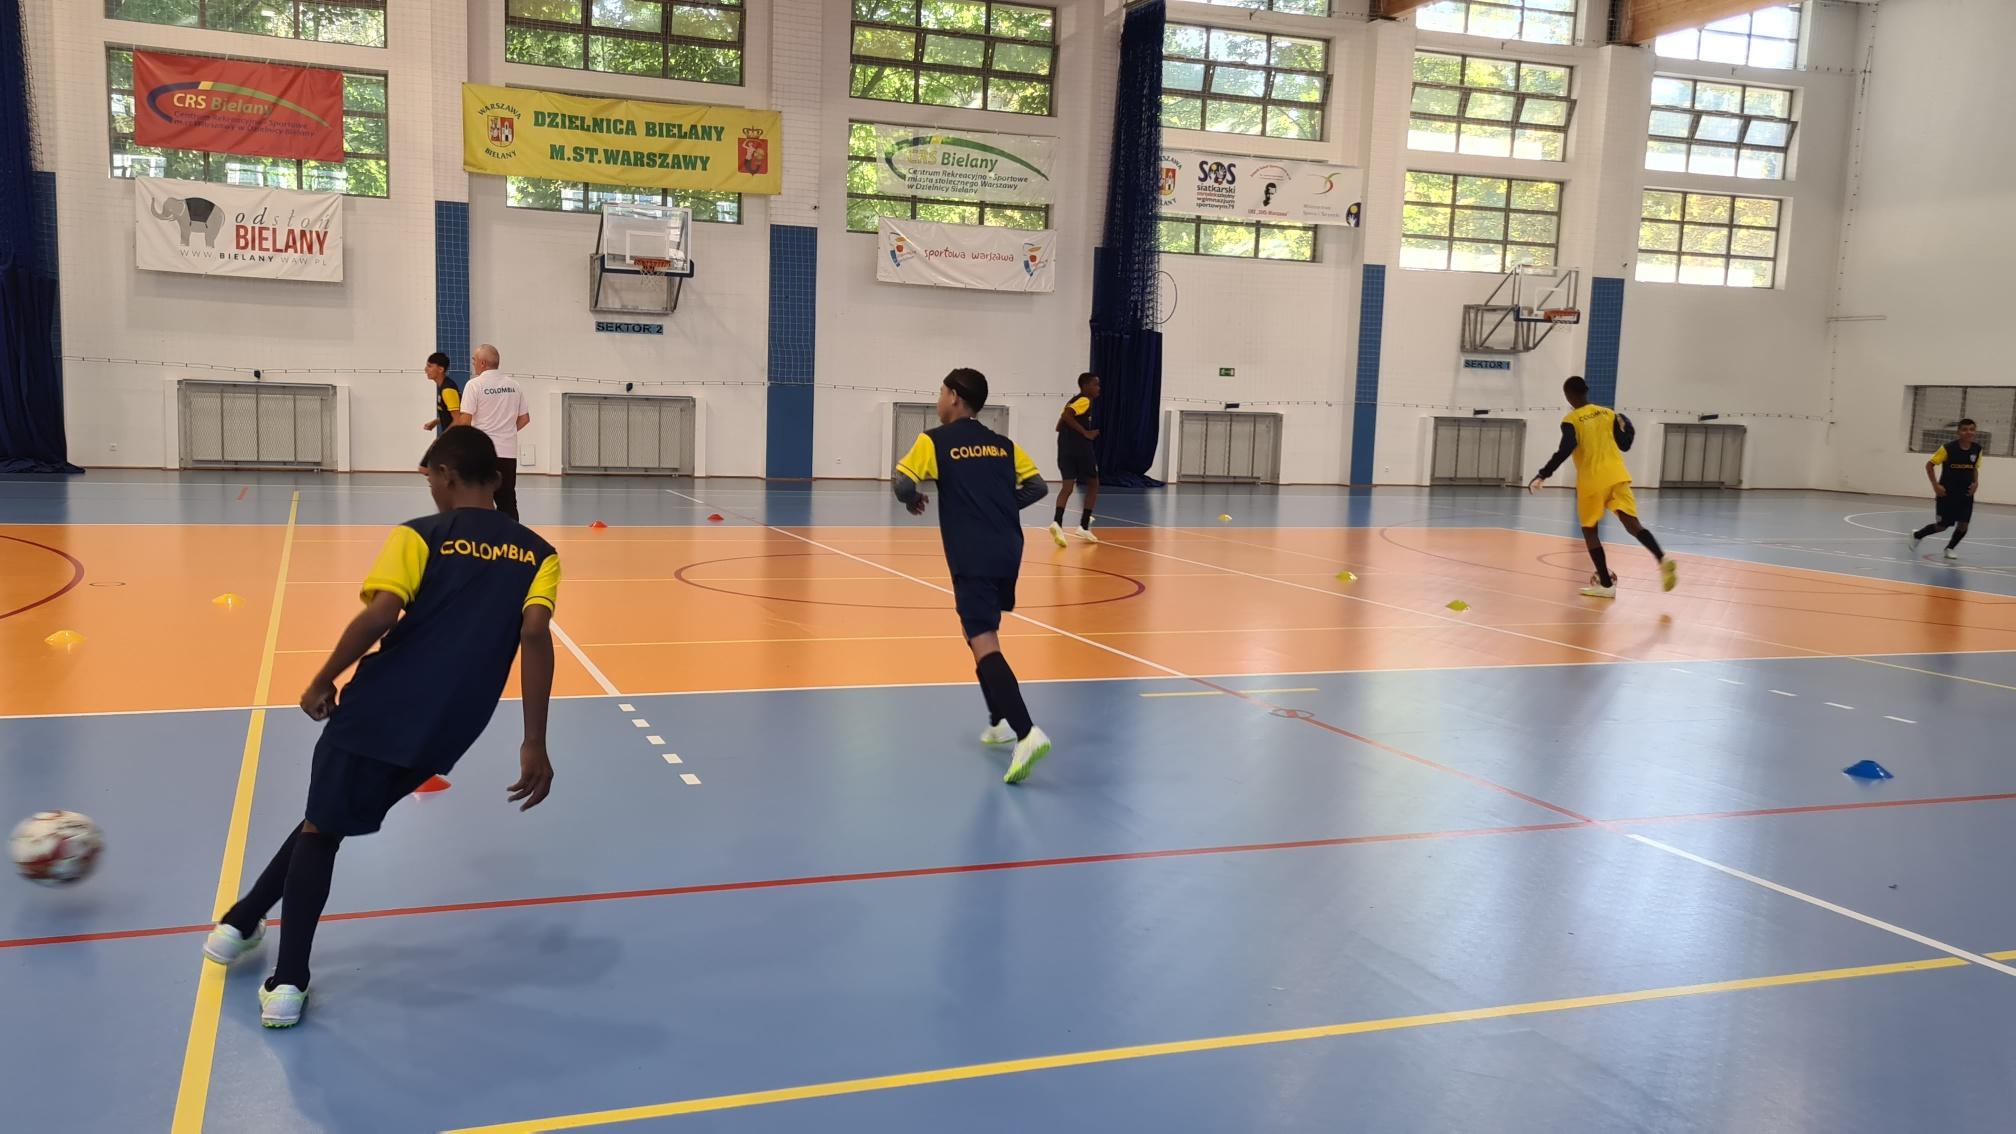 Młodzi chłopcy z Kolumbii grający w piłkę nożną na hali sportowej.